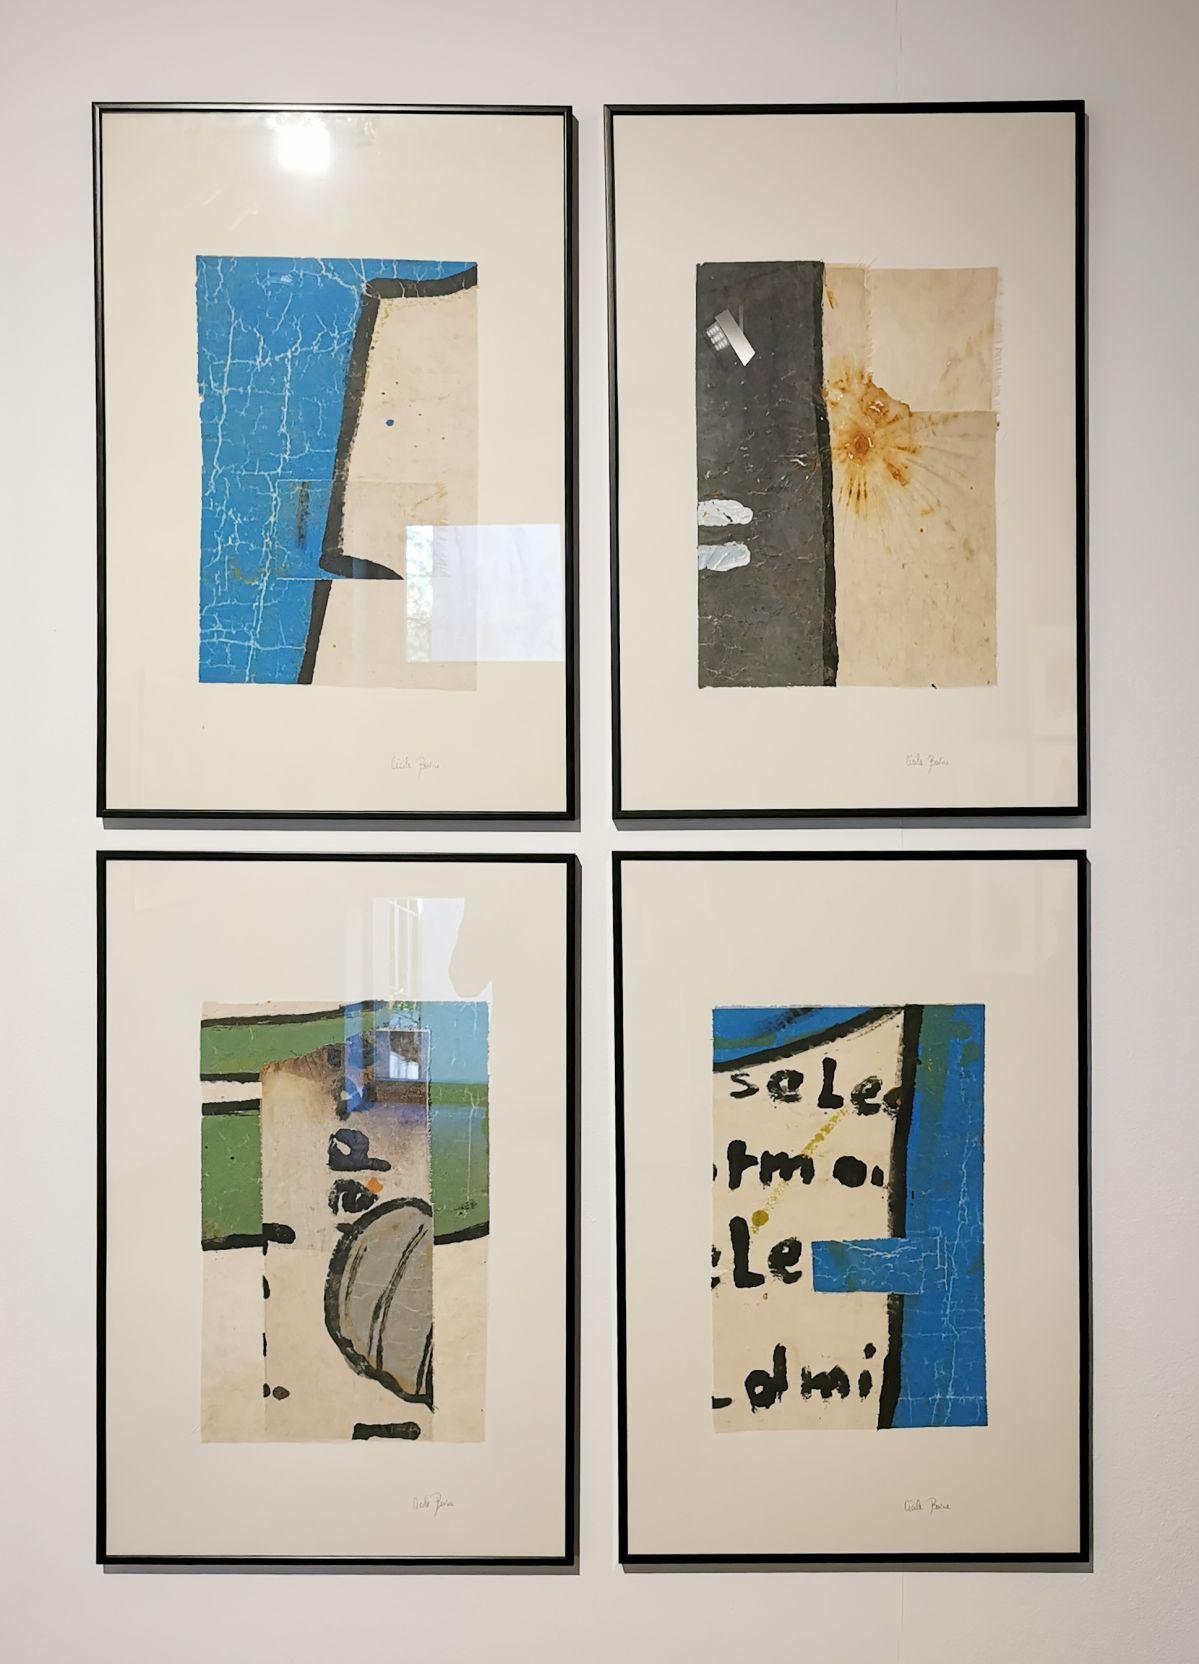 Cécile Borne - #Apprends à nager (1 à 4), 2019-2020 - 4 à 4 au Musée Paul Valery - Sète